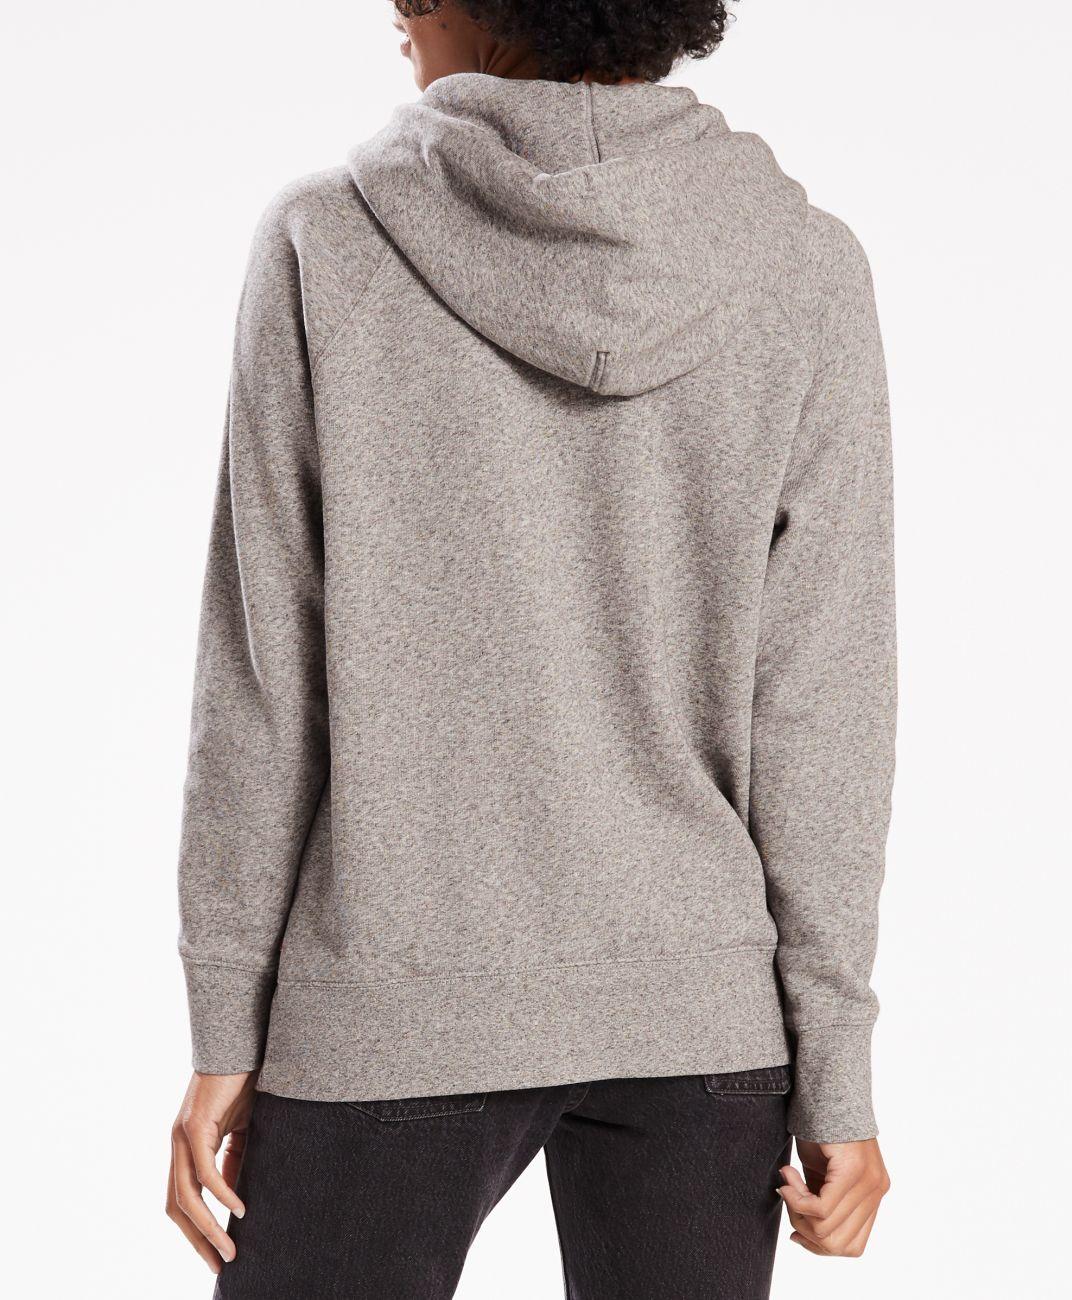 LEVIS Pullover für Damen Hoodie Sweater 35946-0003 grau W18-LDP1